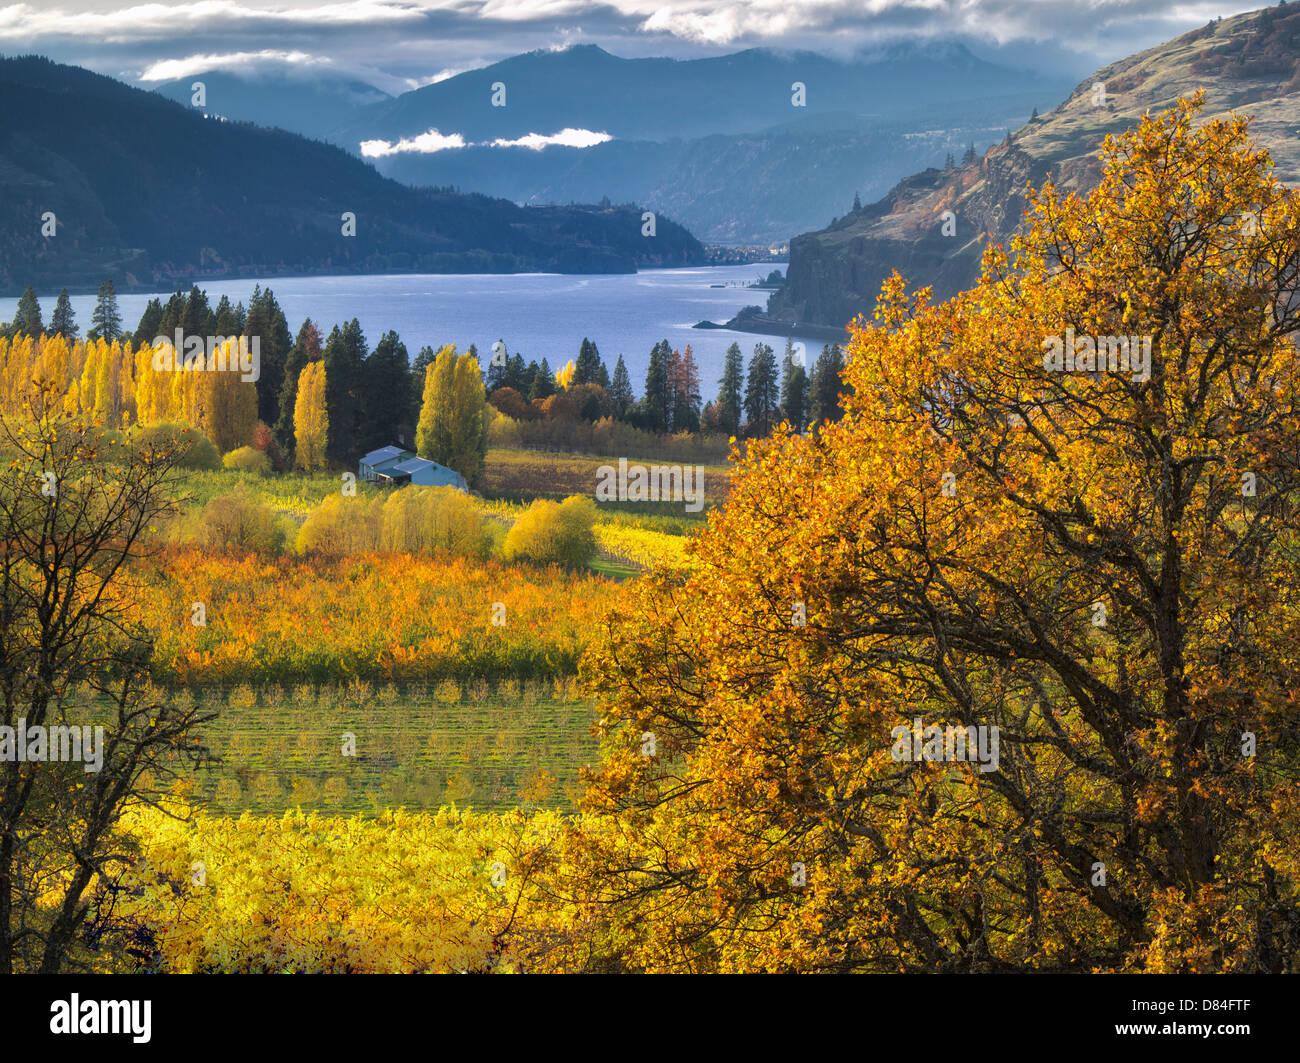 Orchard a colori autunnali e Columbia River. Columbia River Gorge National Scenic Area. Oregon Immagini Stock